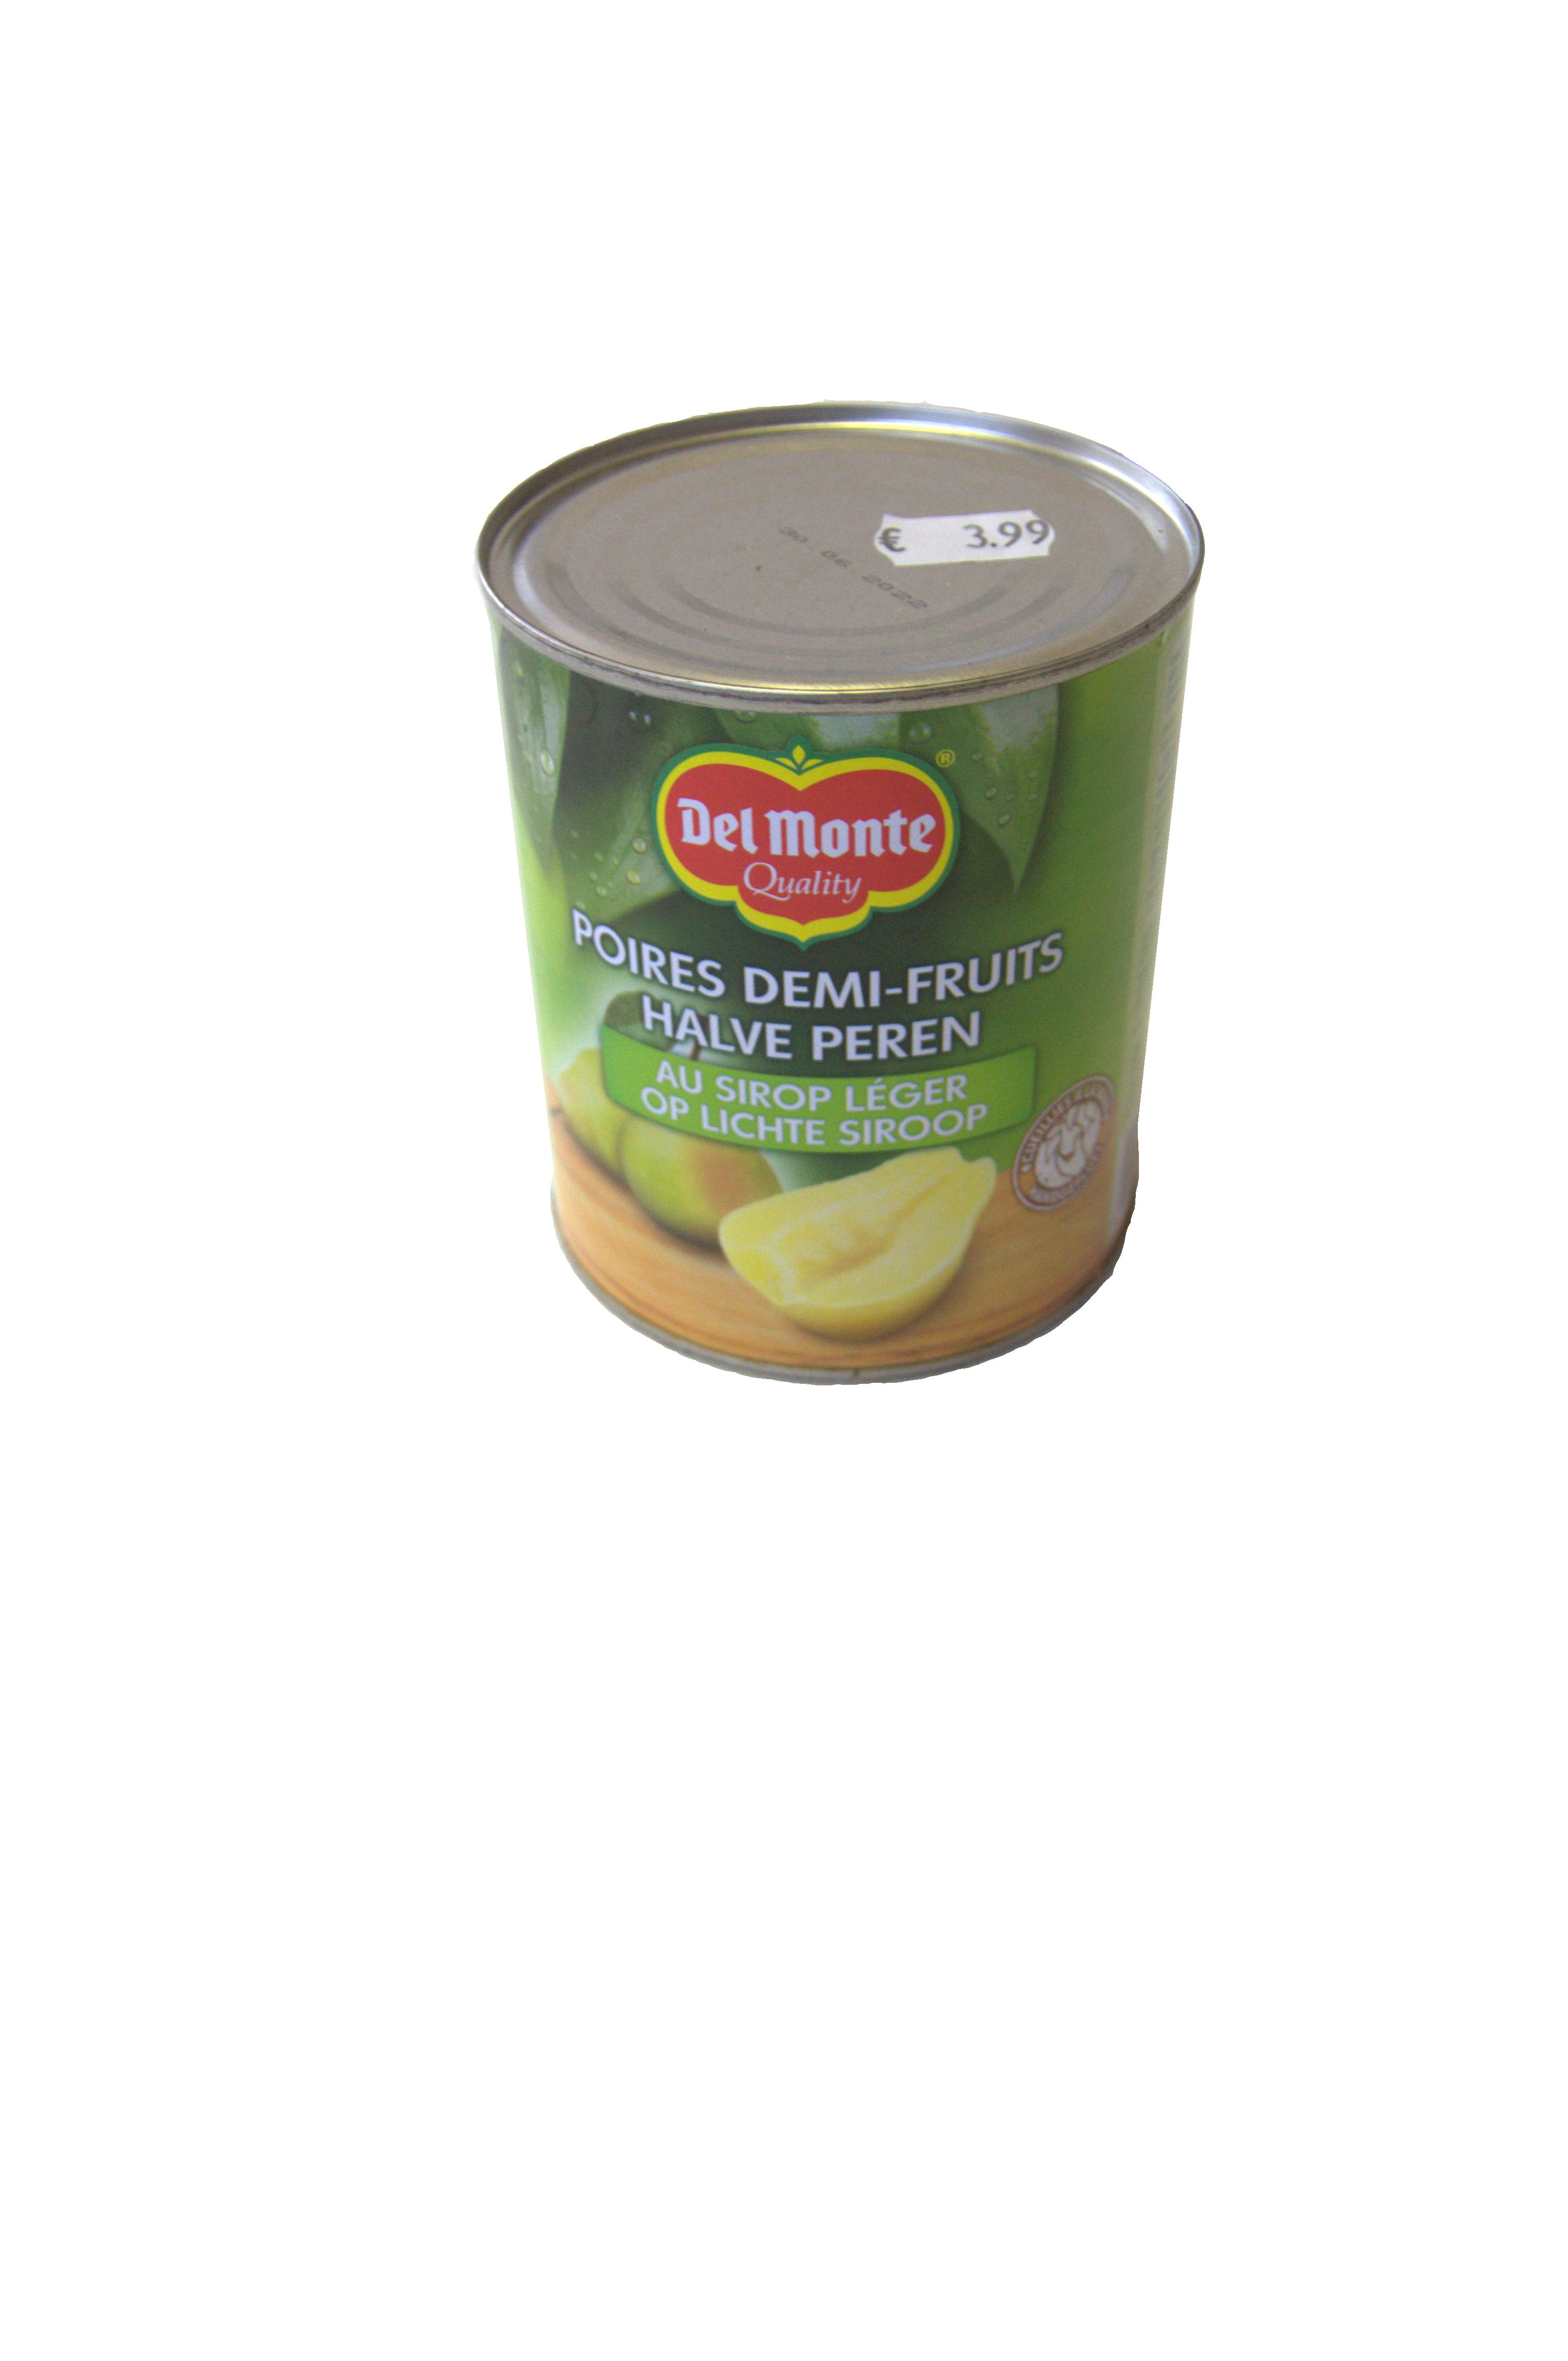 halve peren op siroop delmonte 825g